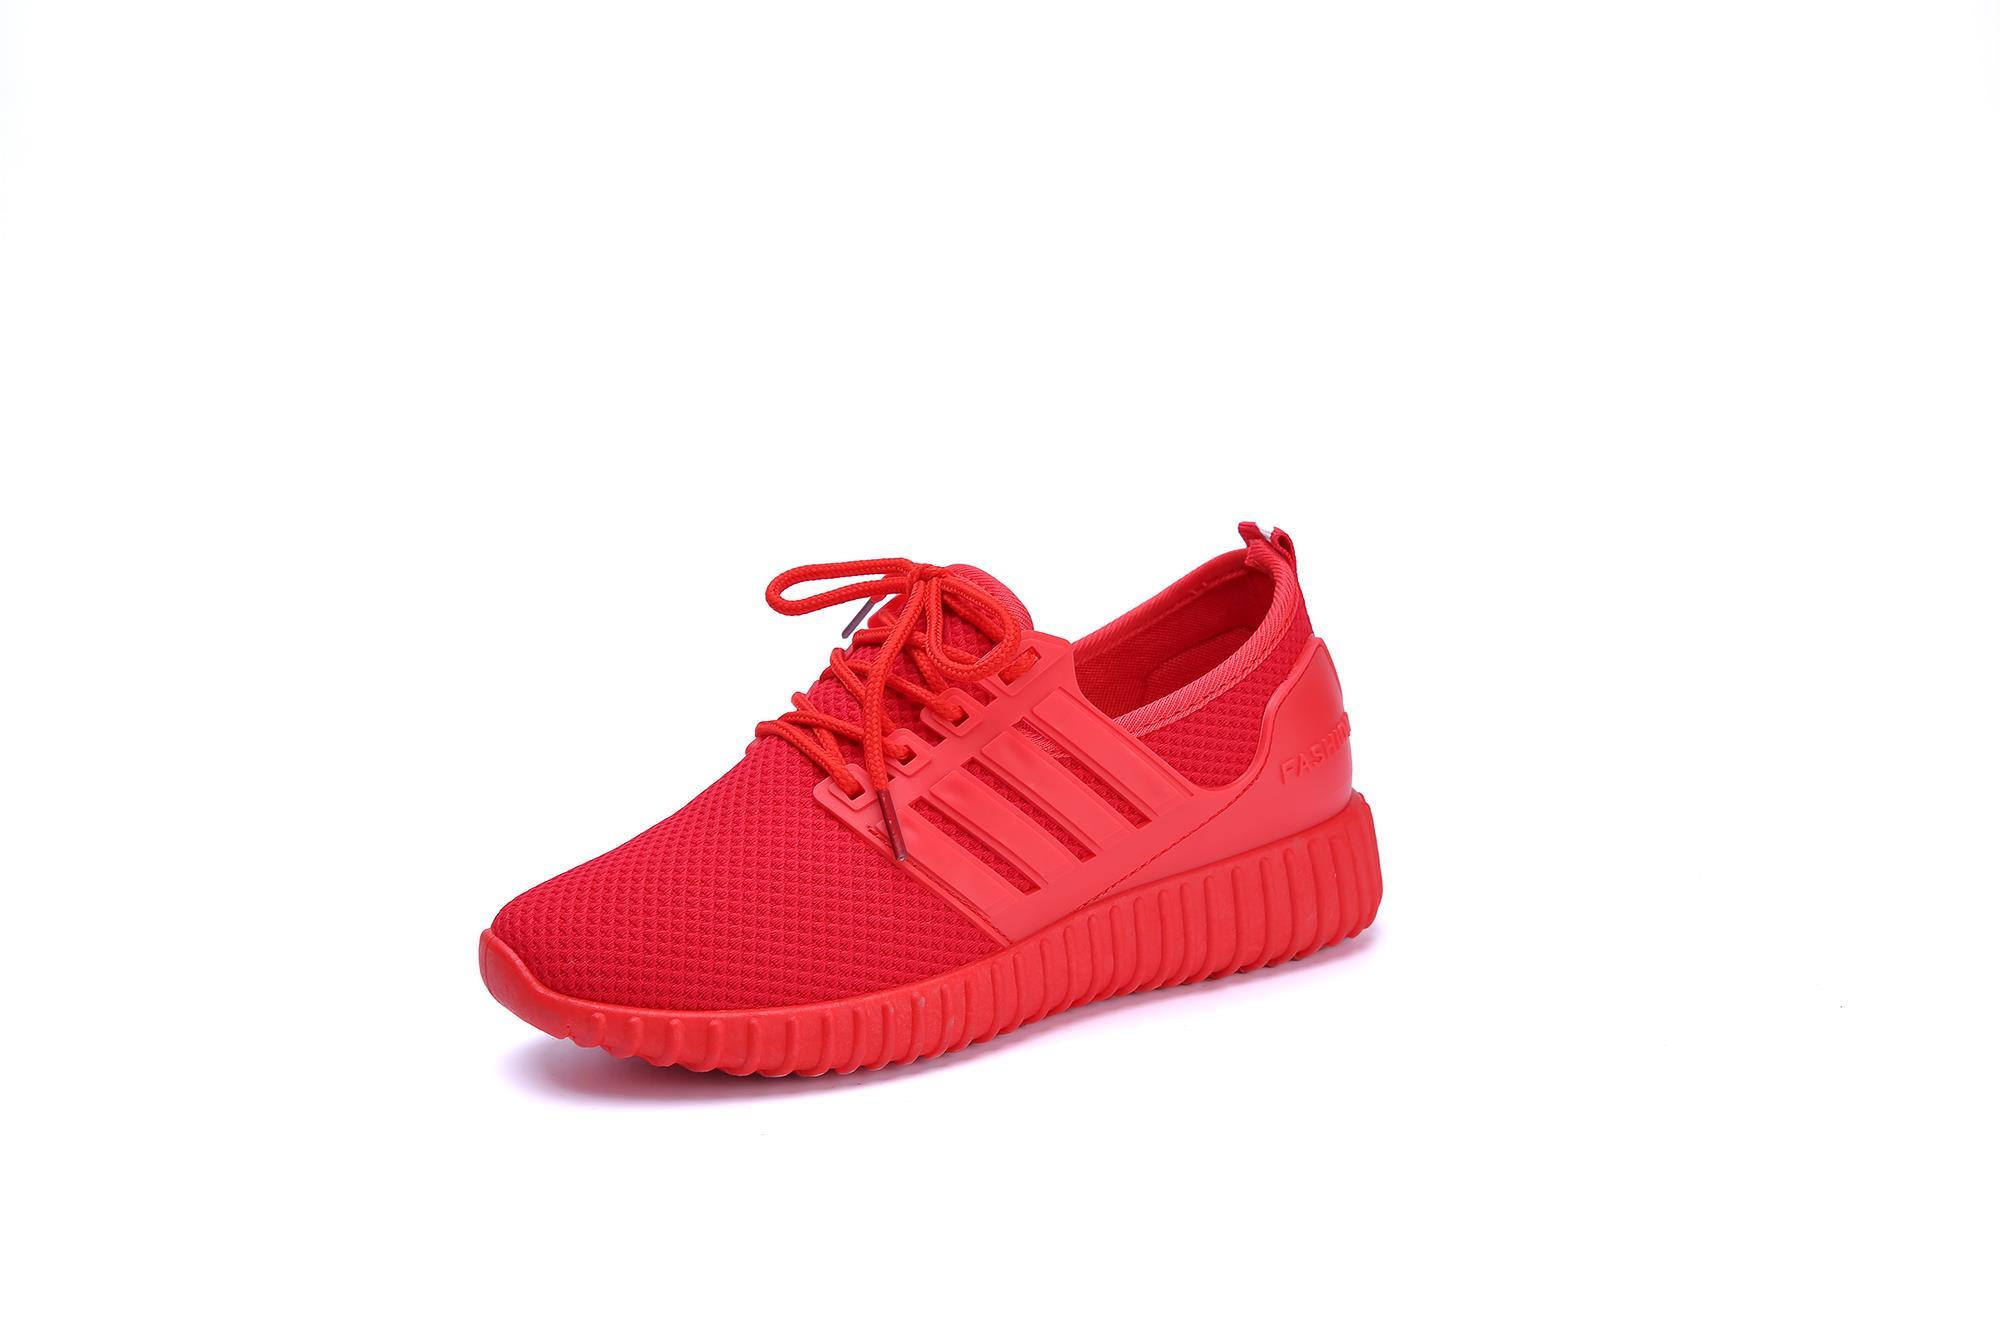 红色运动鞋 运动红色男鞋小黑小红鞋本命年哈伦裤配小脚休闲平板鞋纯色韩式鞋_推荐淘宝好看的红色运动鞋